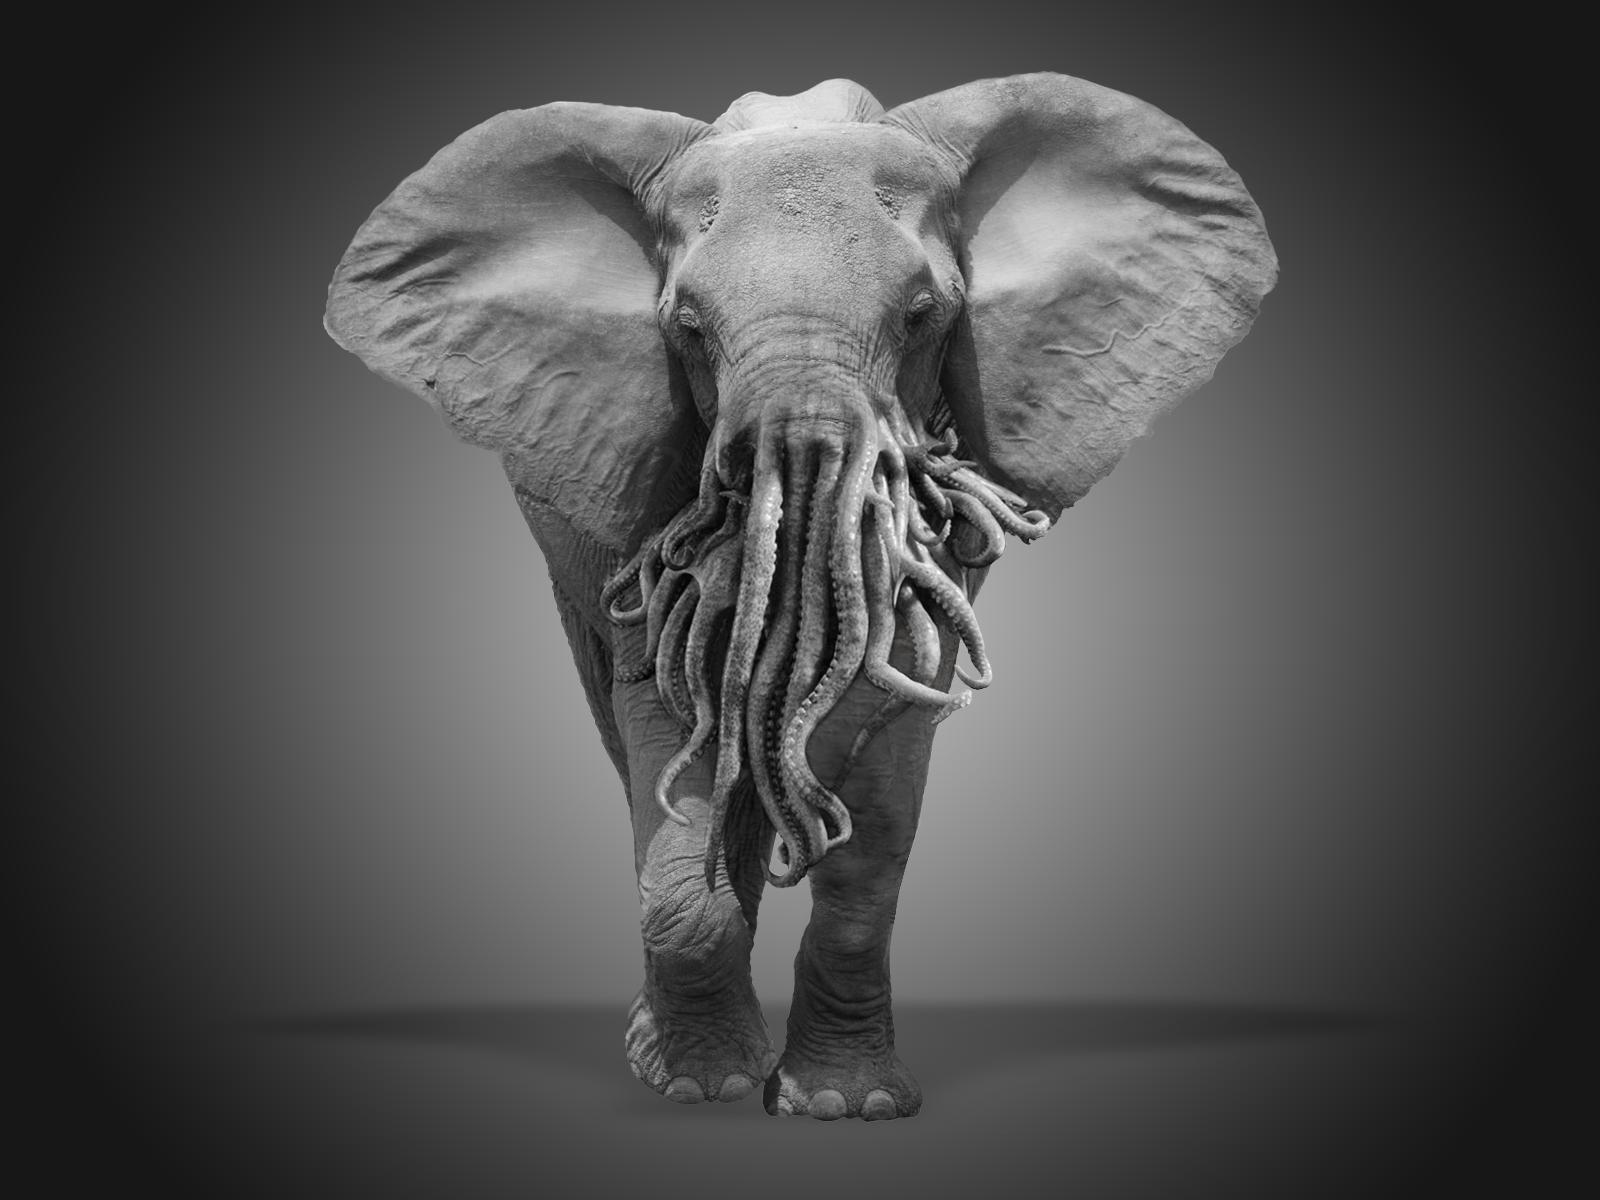 elephant-octopus